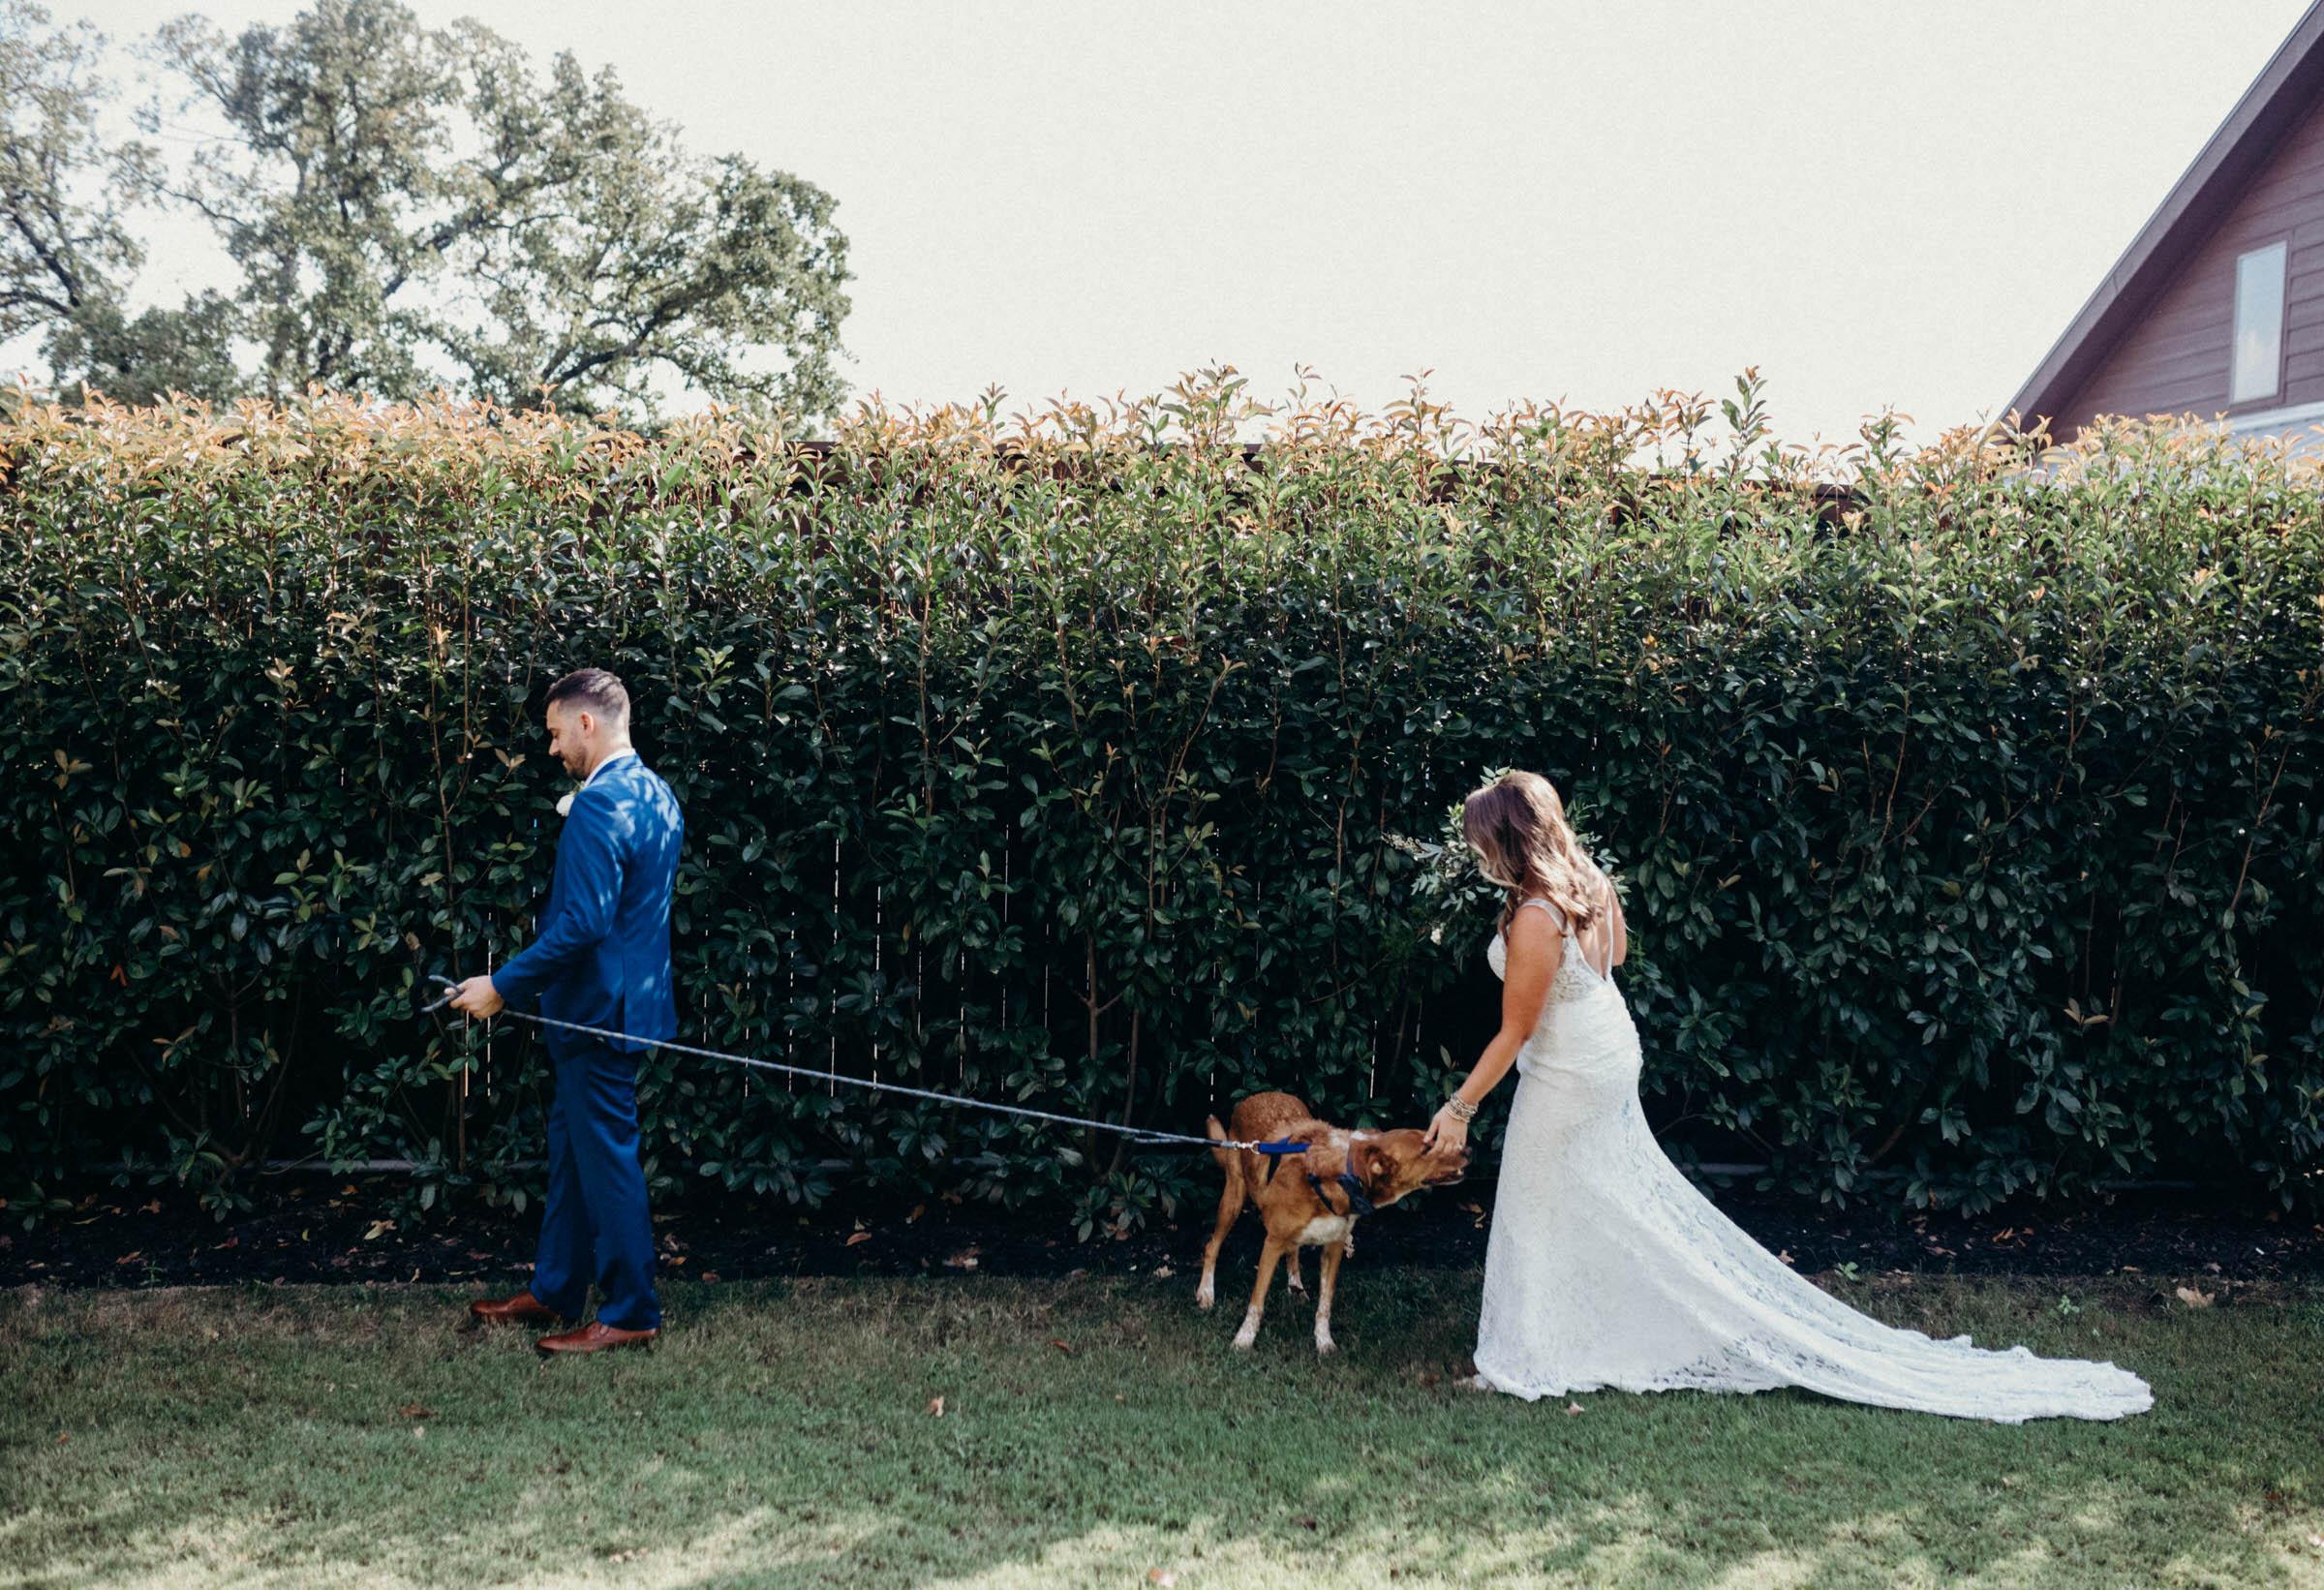 dietzen_aubrey-texas-the-springs-wedding_005-1.jpg